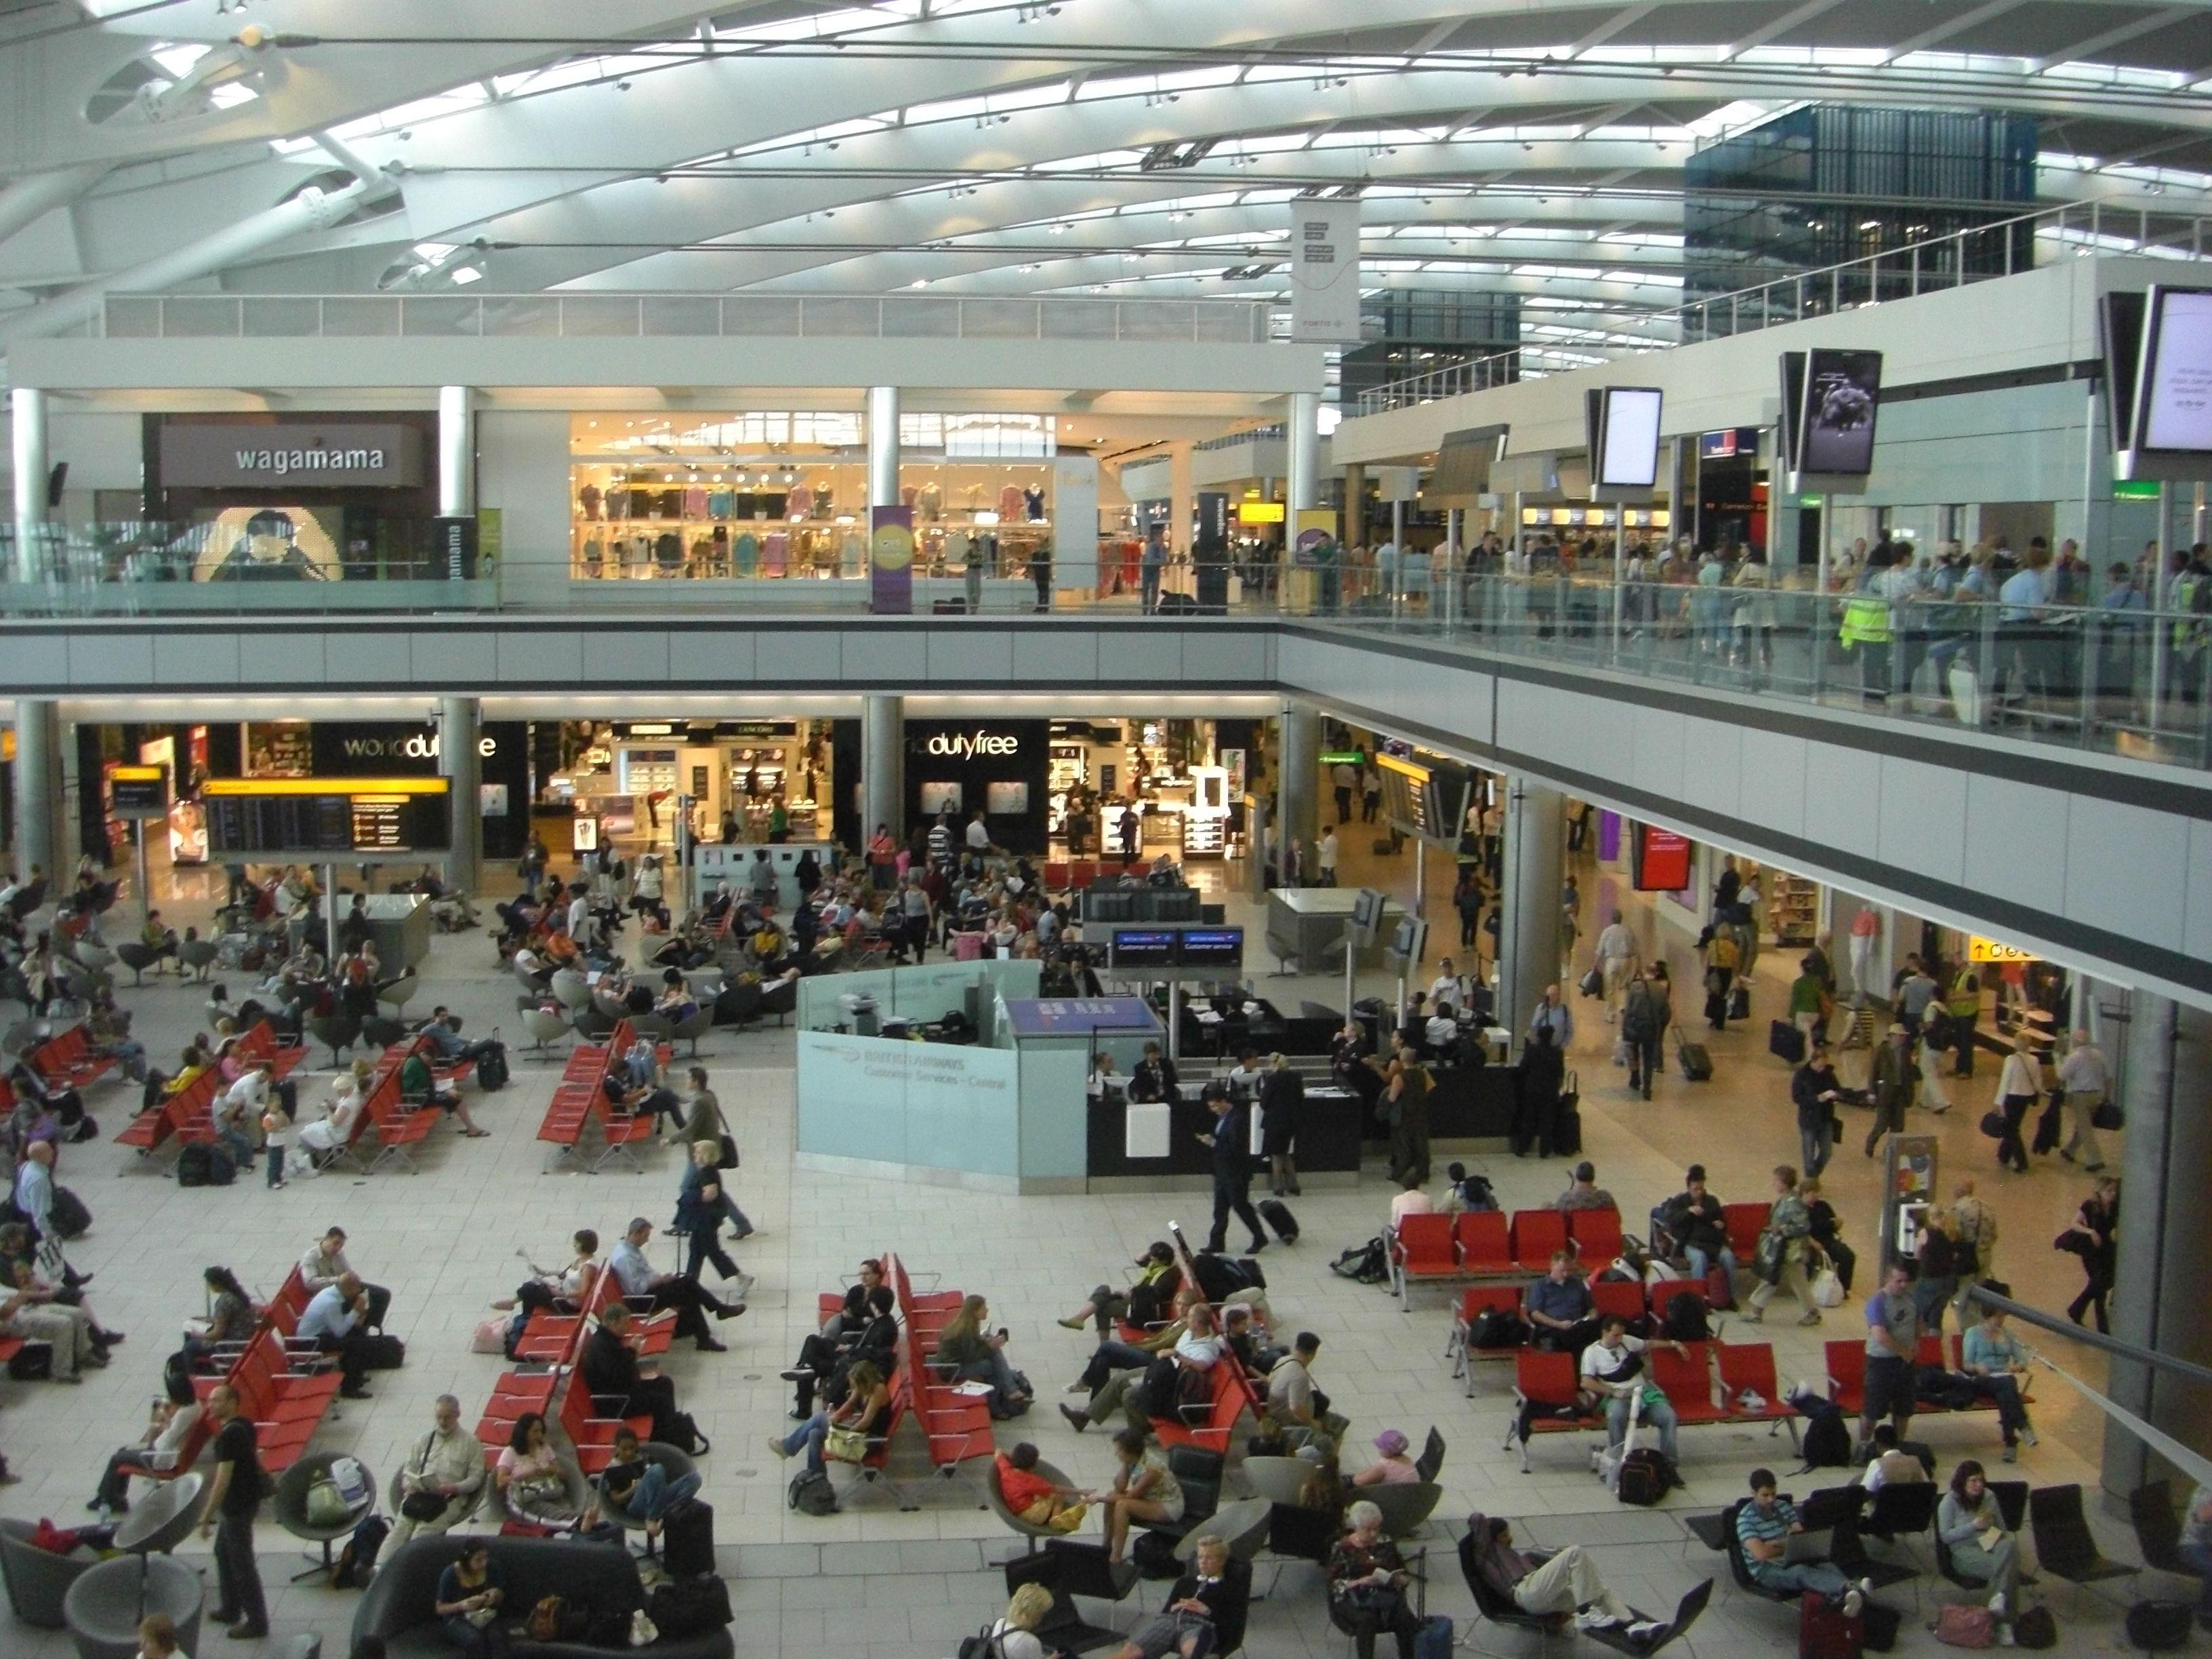 b468388e58aad86db0b64fa4ab851874 - How To Get From Kings Cross To Heathrow Terminal 5